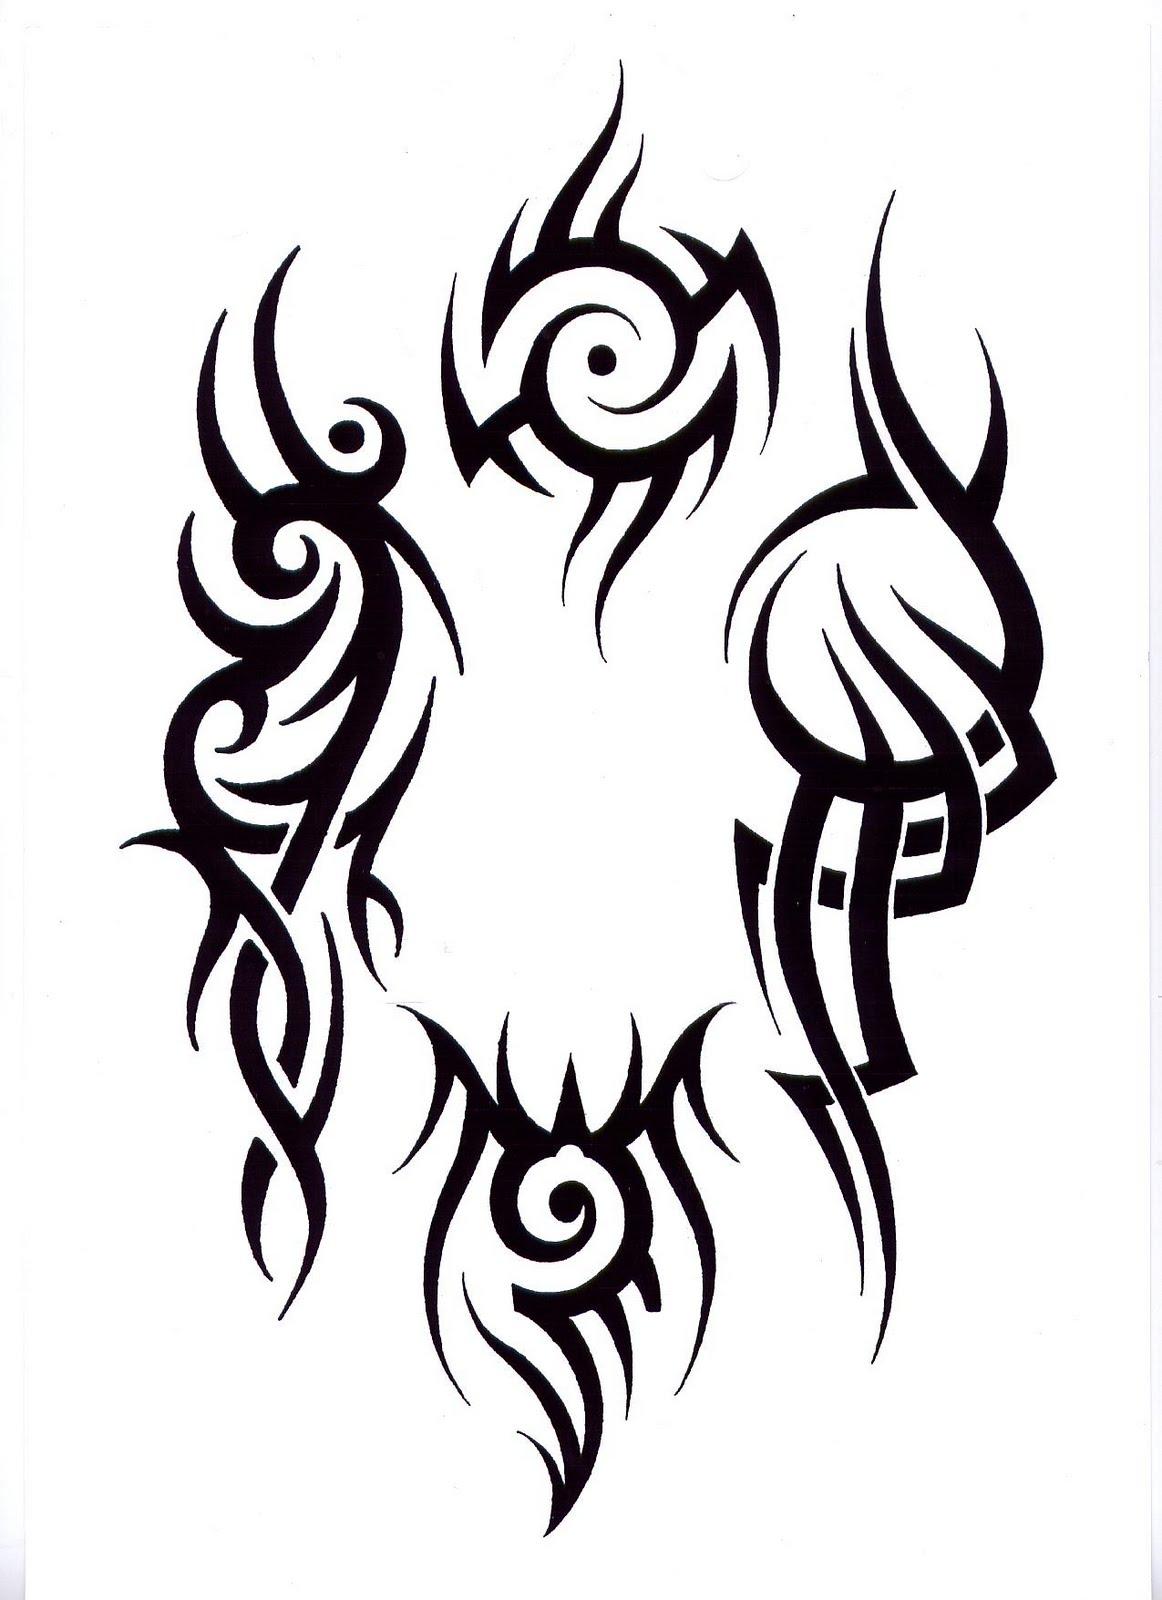 Tribal Tattoo Designs Women: Popular Tribal Tattoo Design